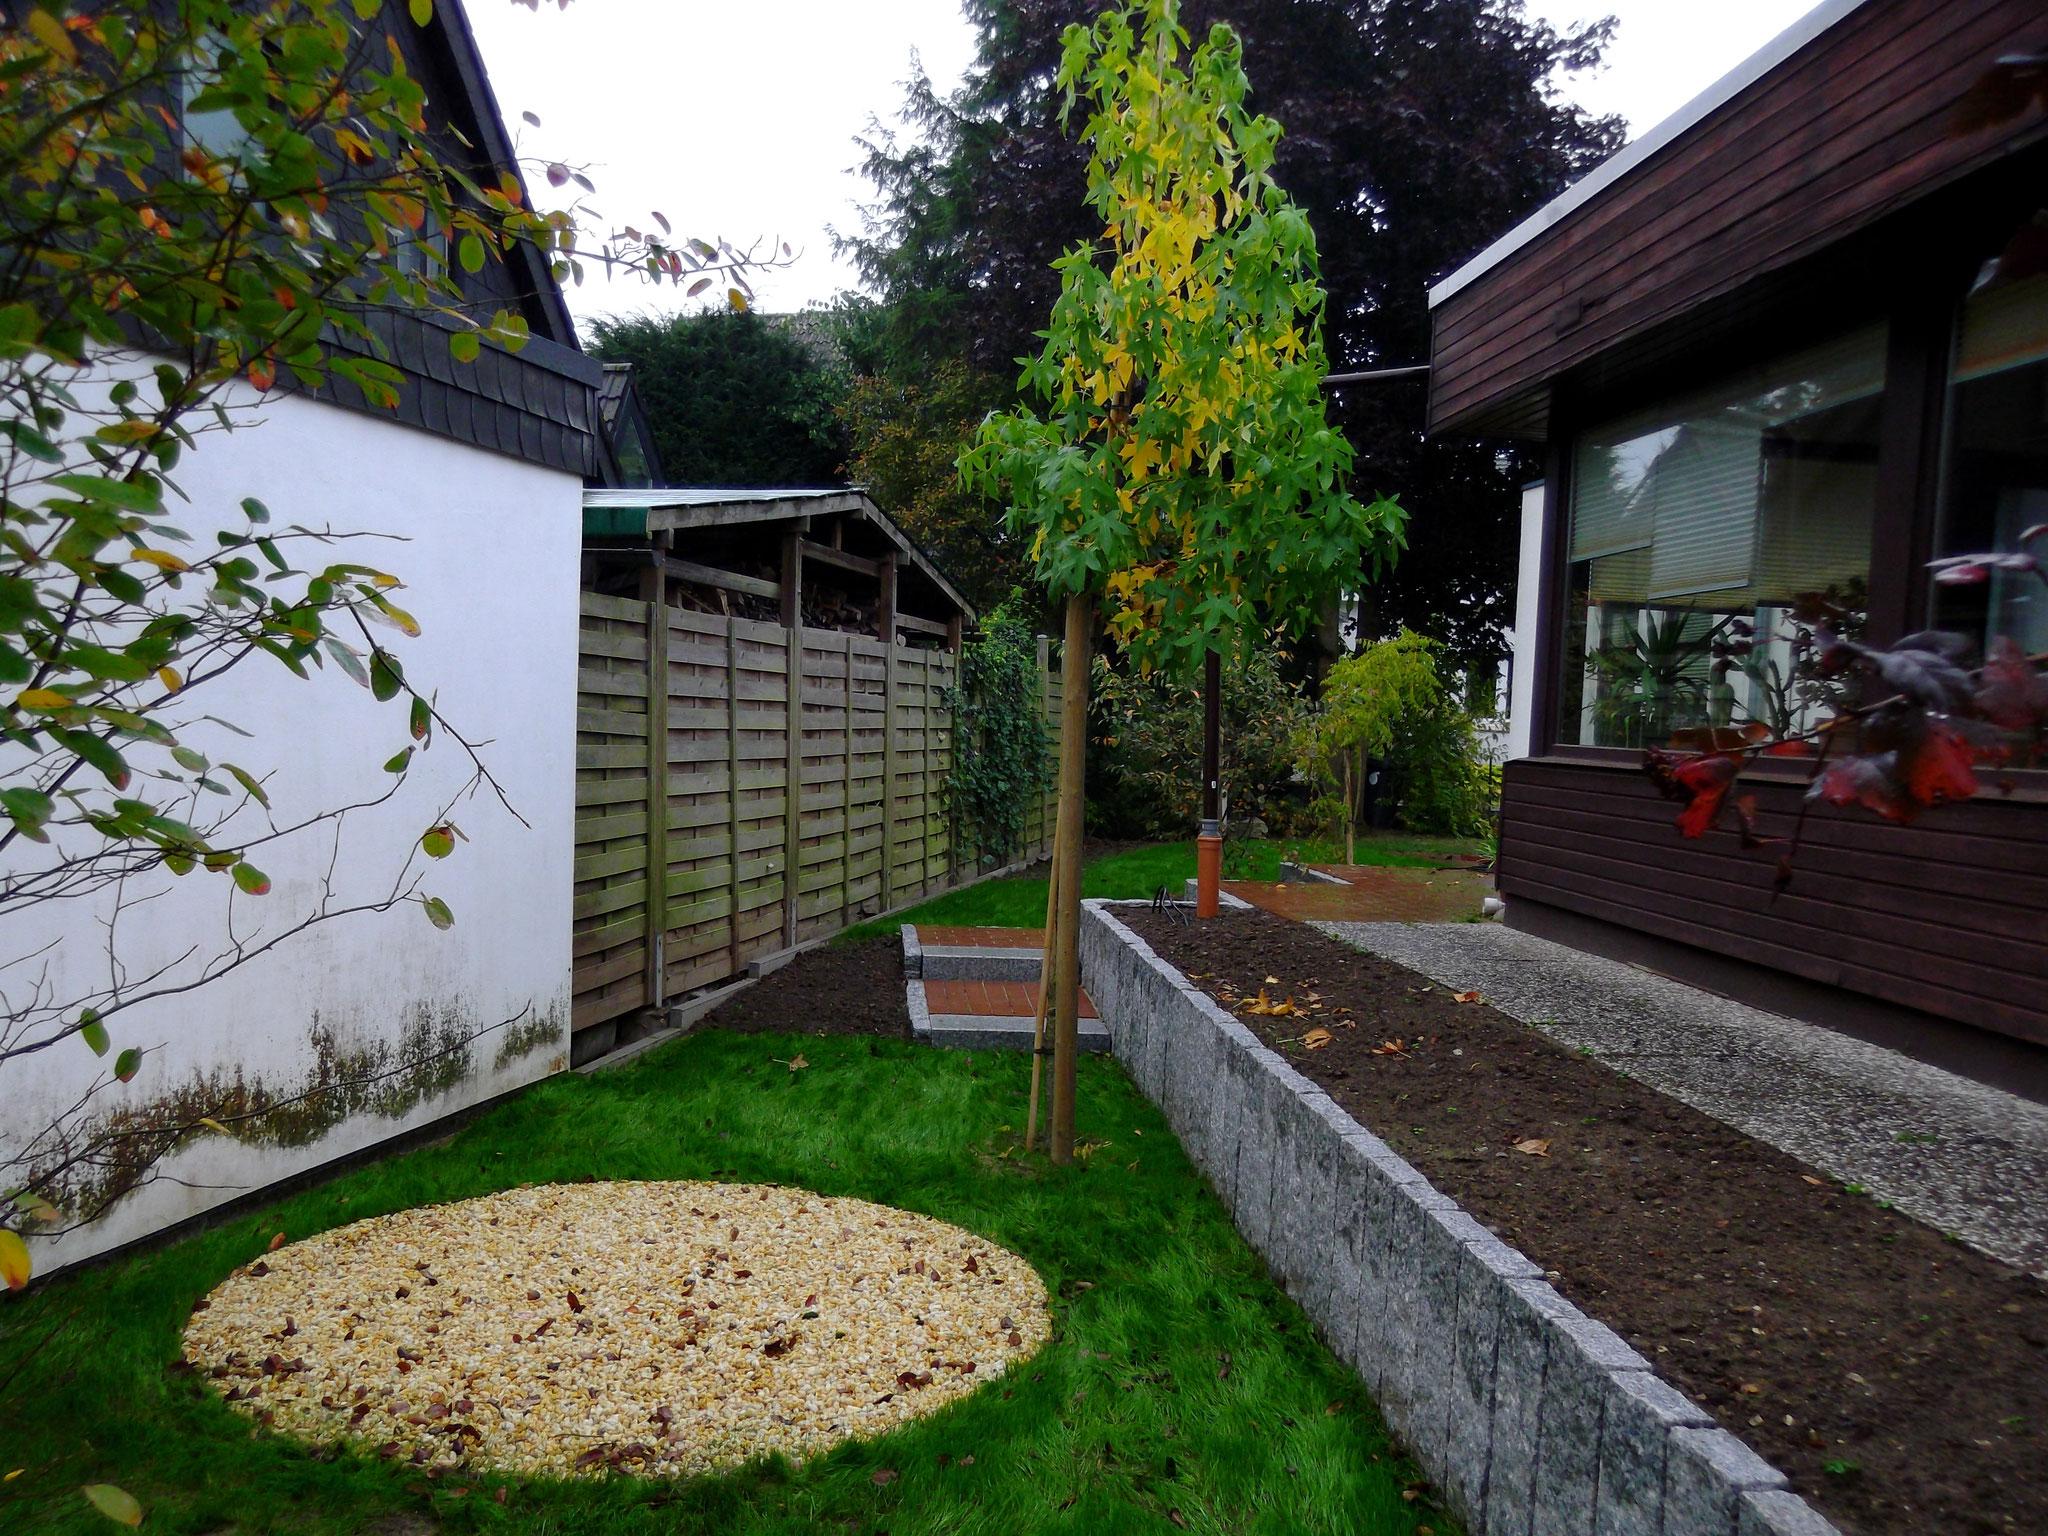 Hochbeet am Haus und Kiesplatz Korfmacher Gartendesign